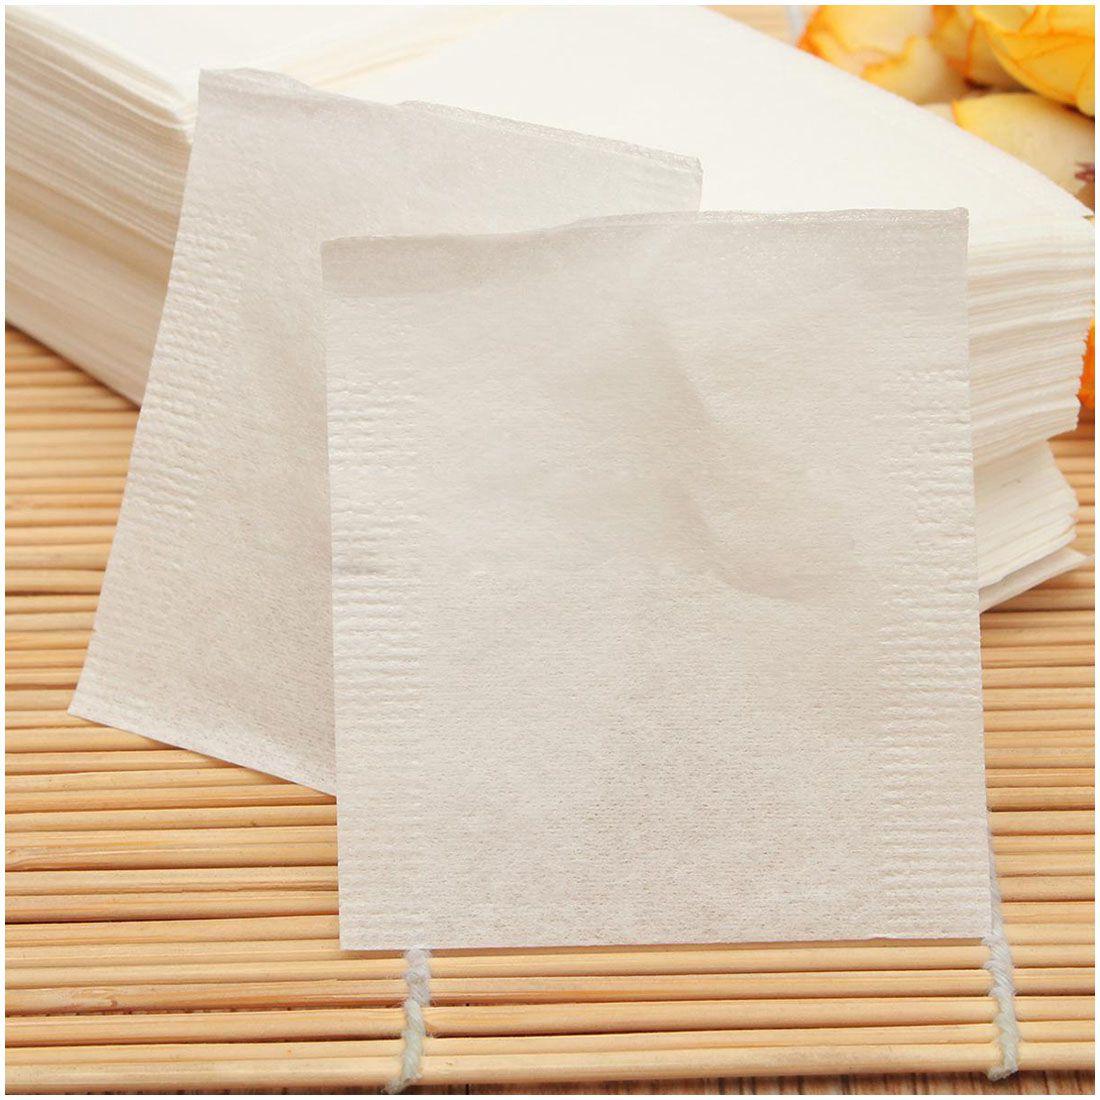 Hot 500pcs não-tecido Vazio Teabags Cordas Seal Calor Filter Paper Herb Solto Tea Bag